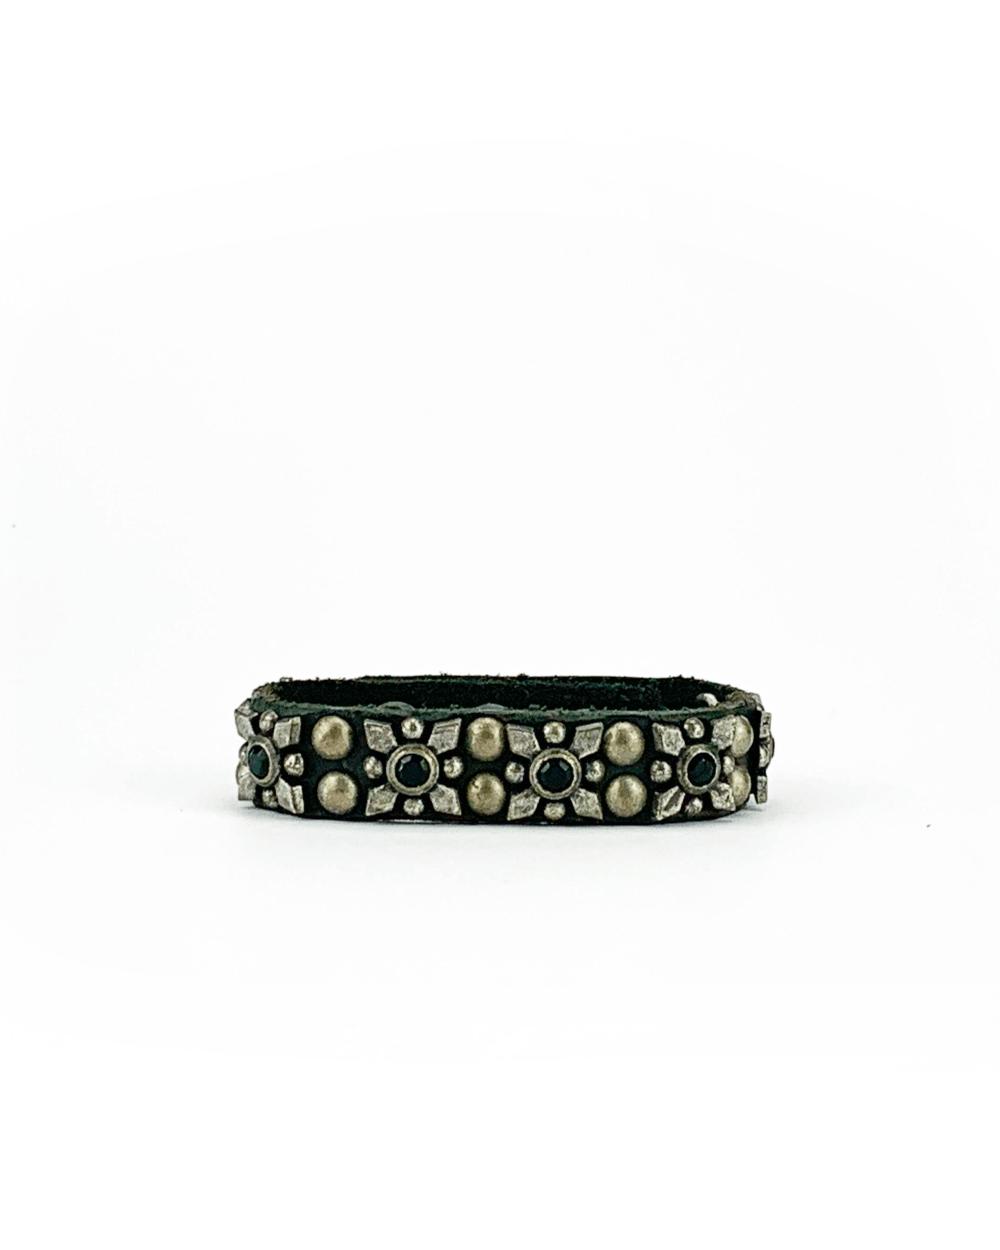 Bracciale in cuoio di toro lavorato a mano con accessori in metallo e pietre nere.